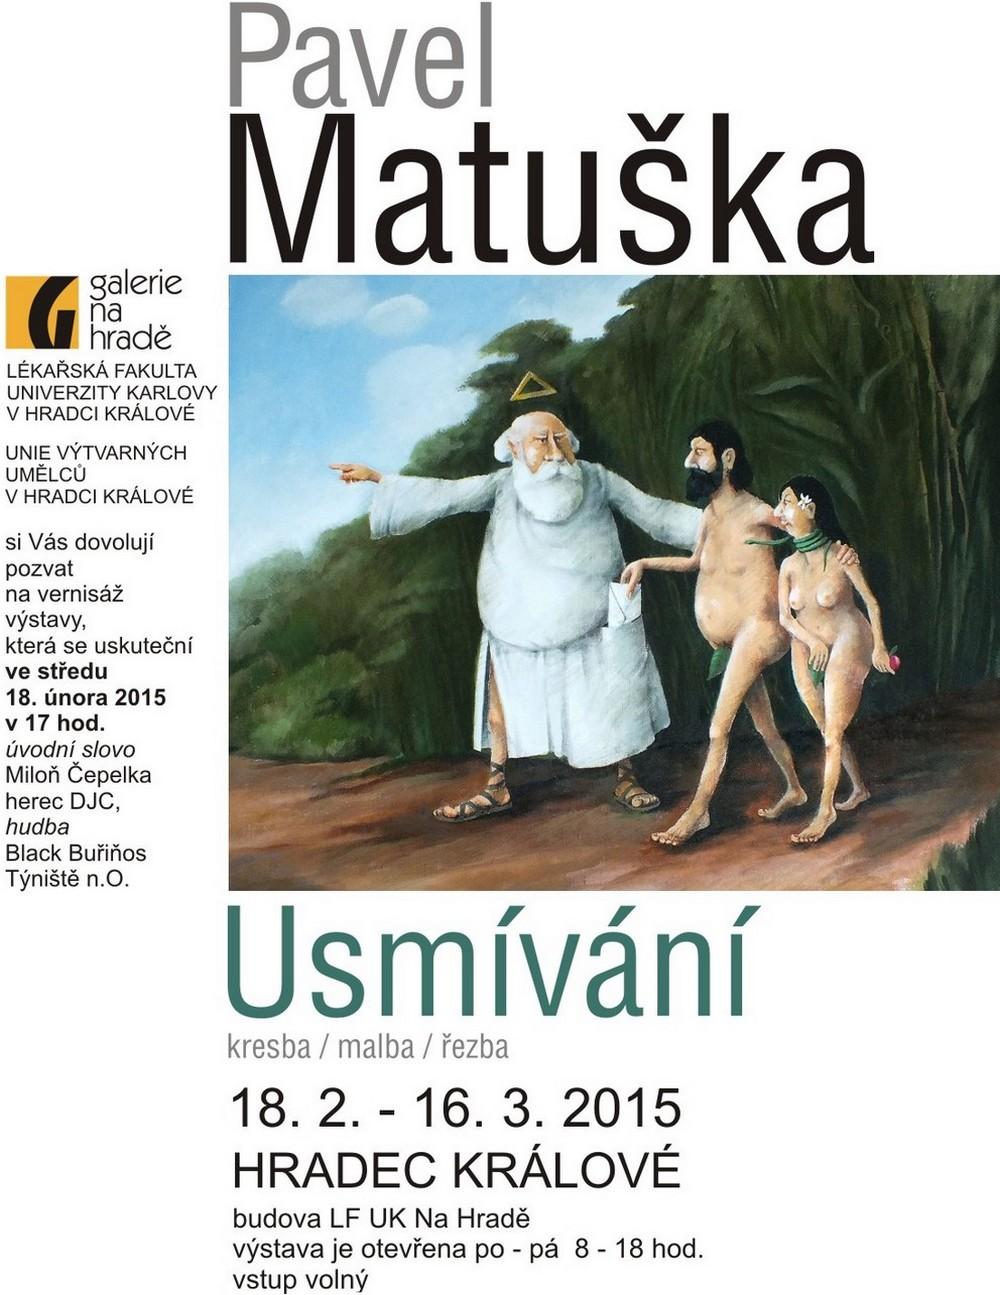 Pavel Matuška na hrade